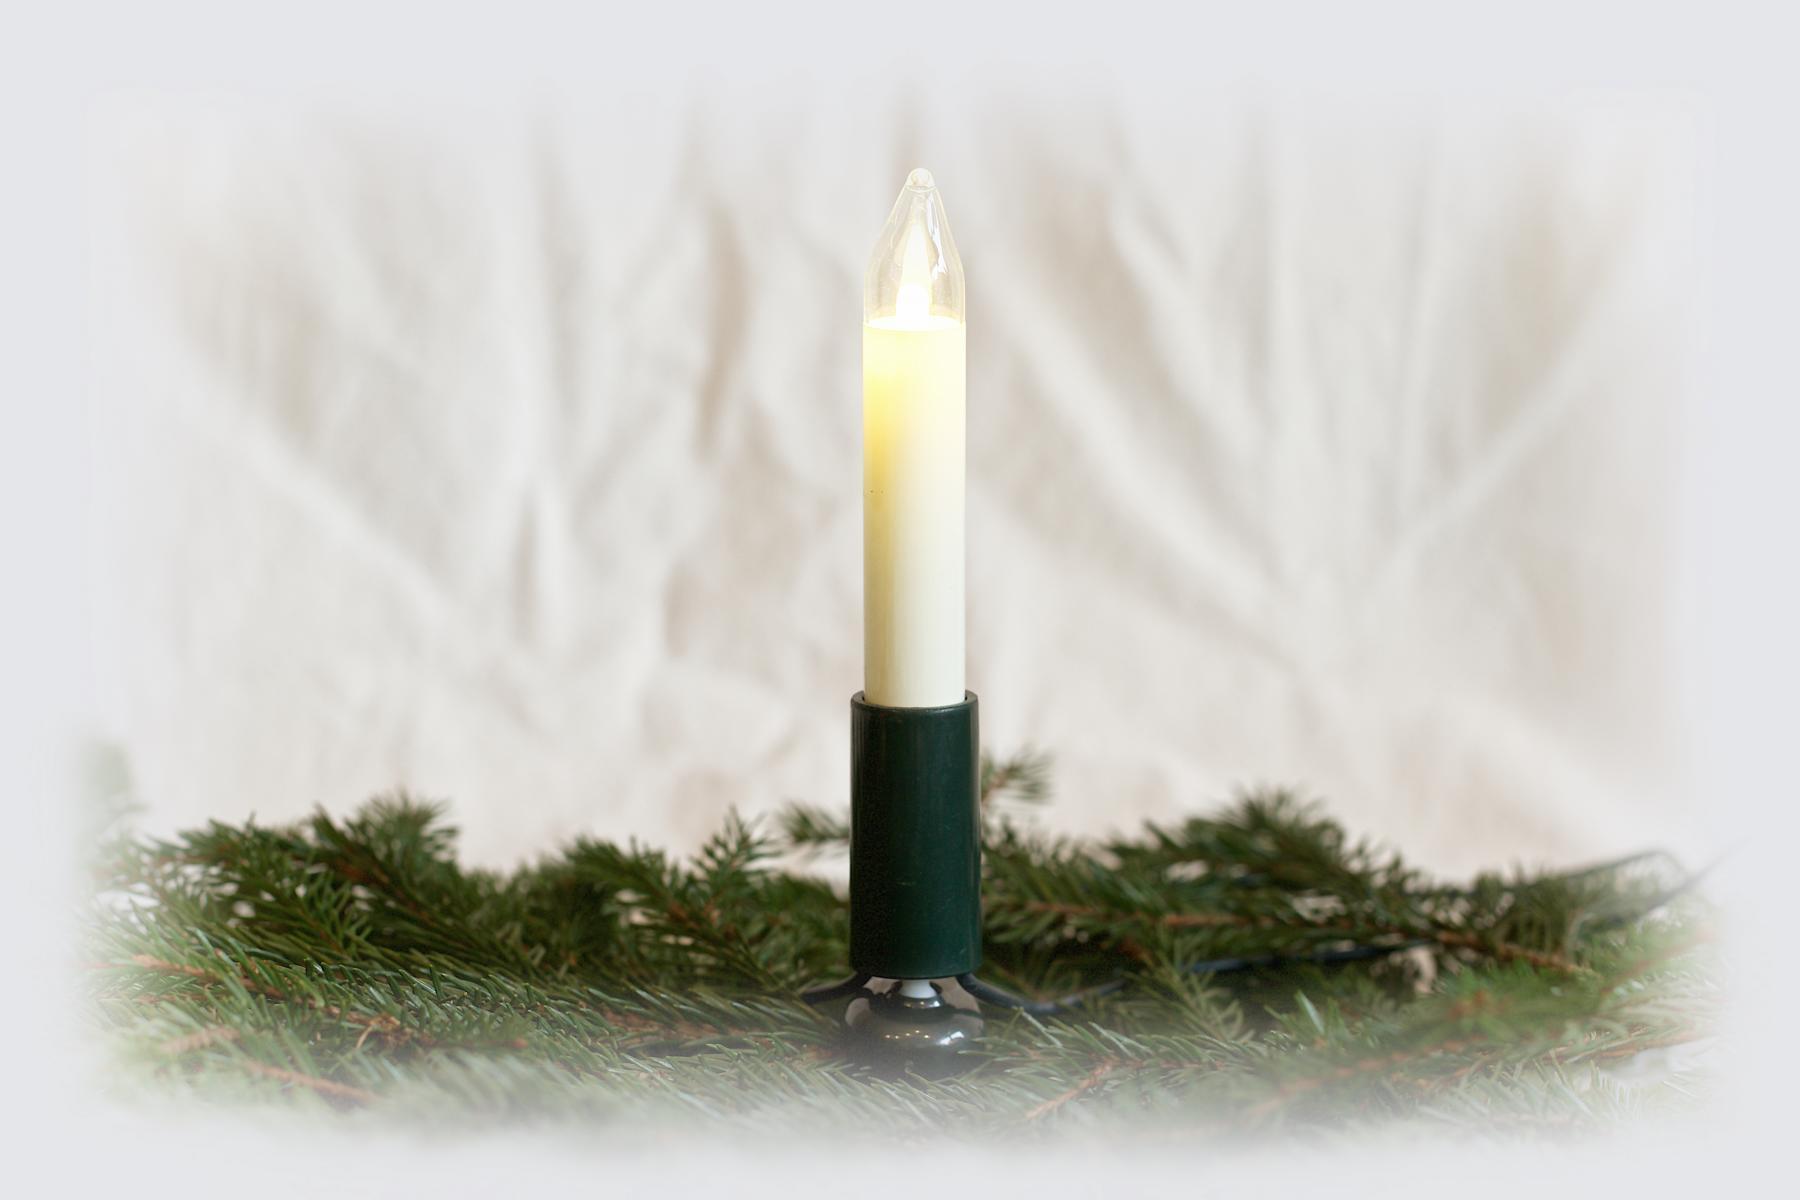 Traditionslichterketten for Lampen 8v 3w